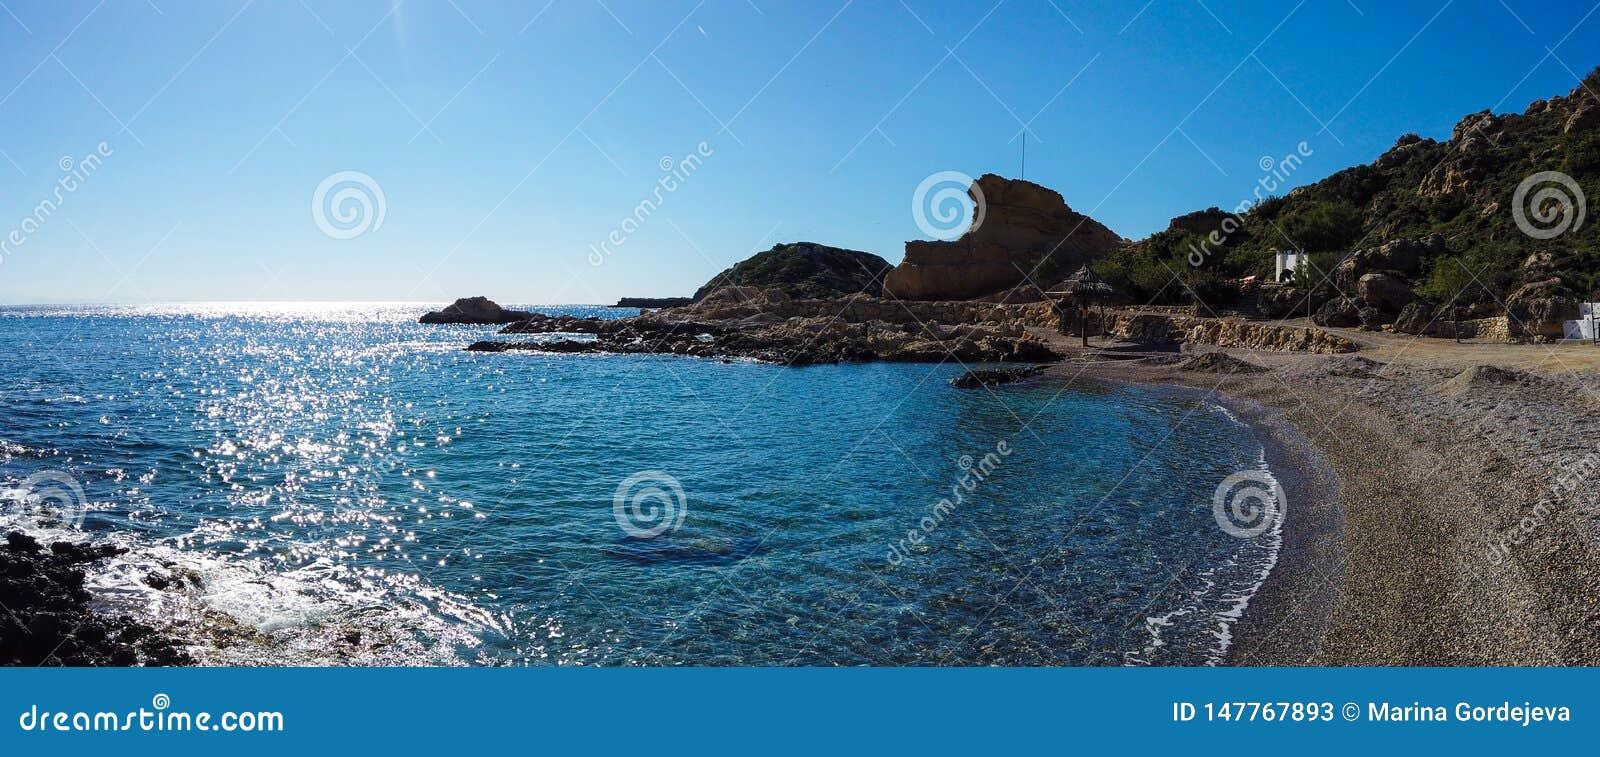 Красивое каменистое побережье Средиземного моря в Греции в солнечном дне Широкоформатный